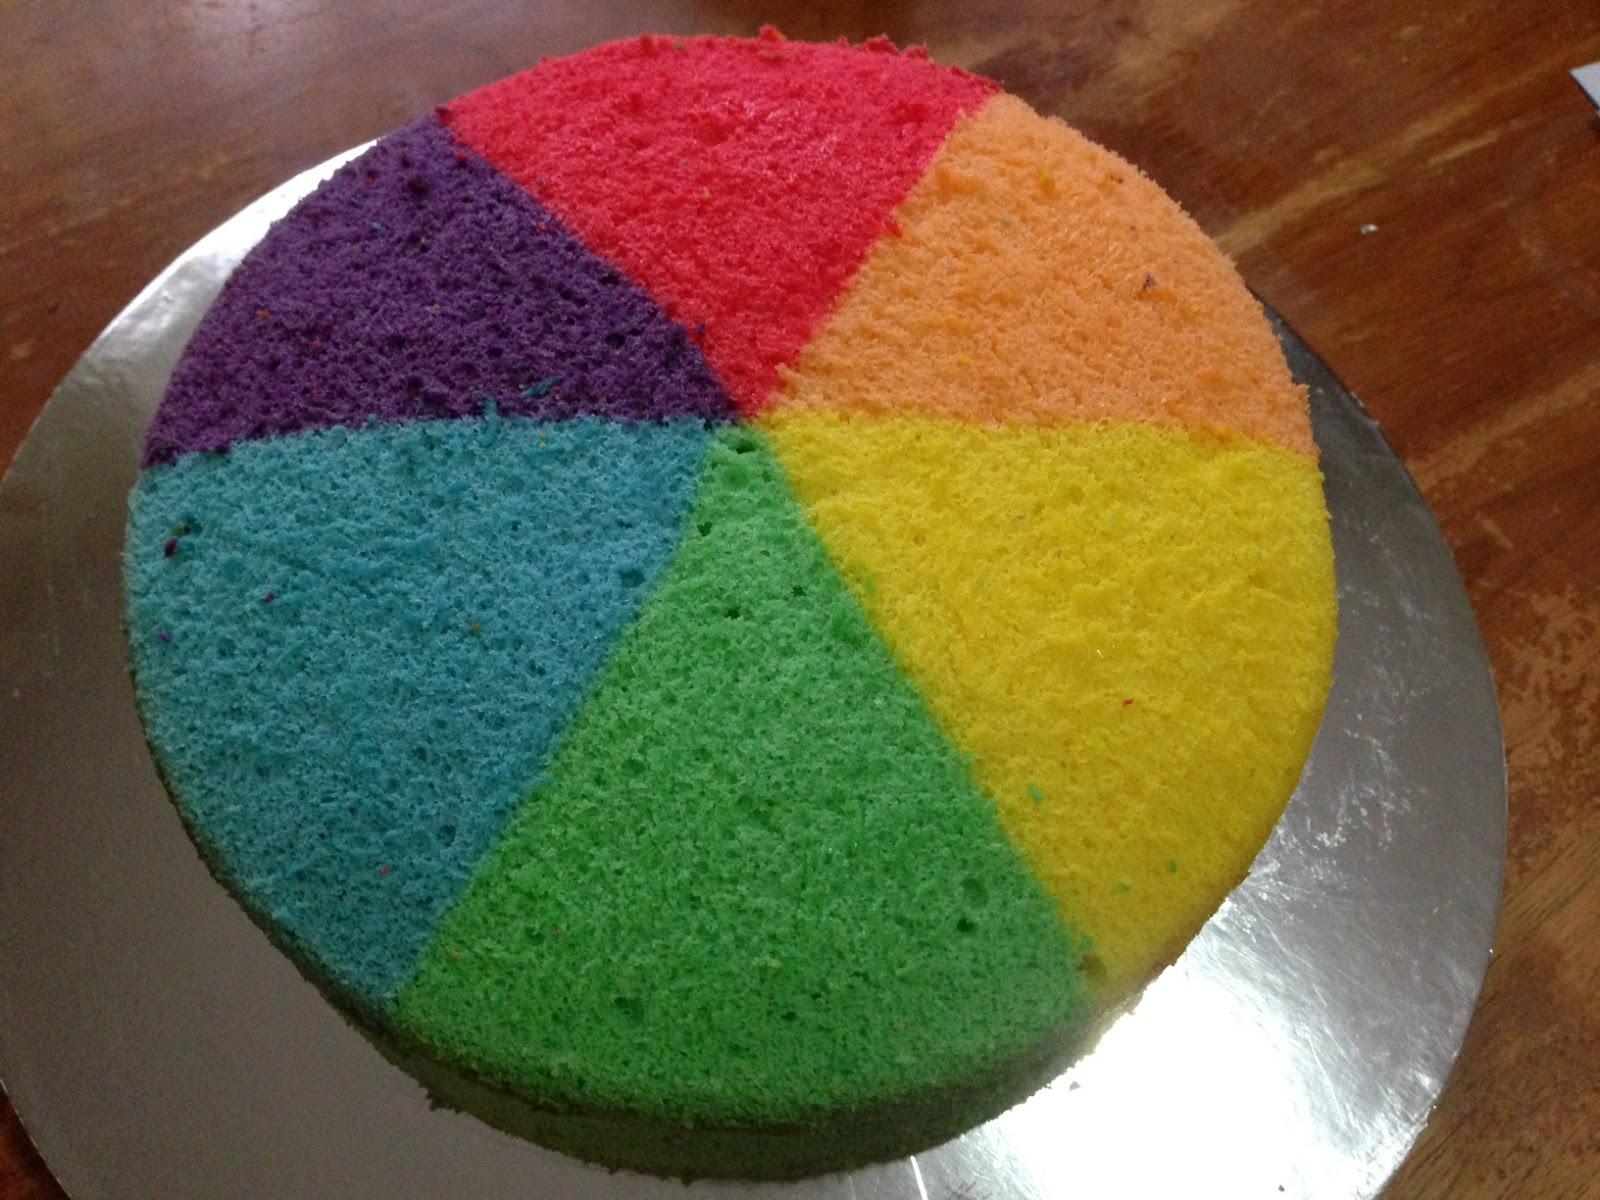 Heart of Mary: Rainbow (Colour Wheel) Chiffon Cake